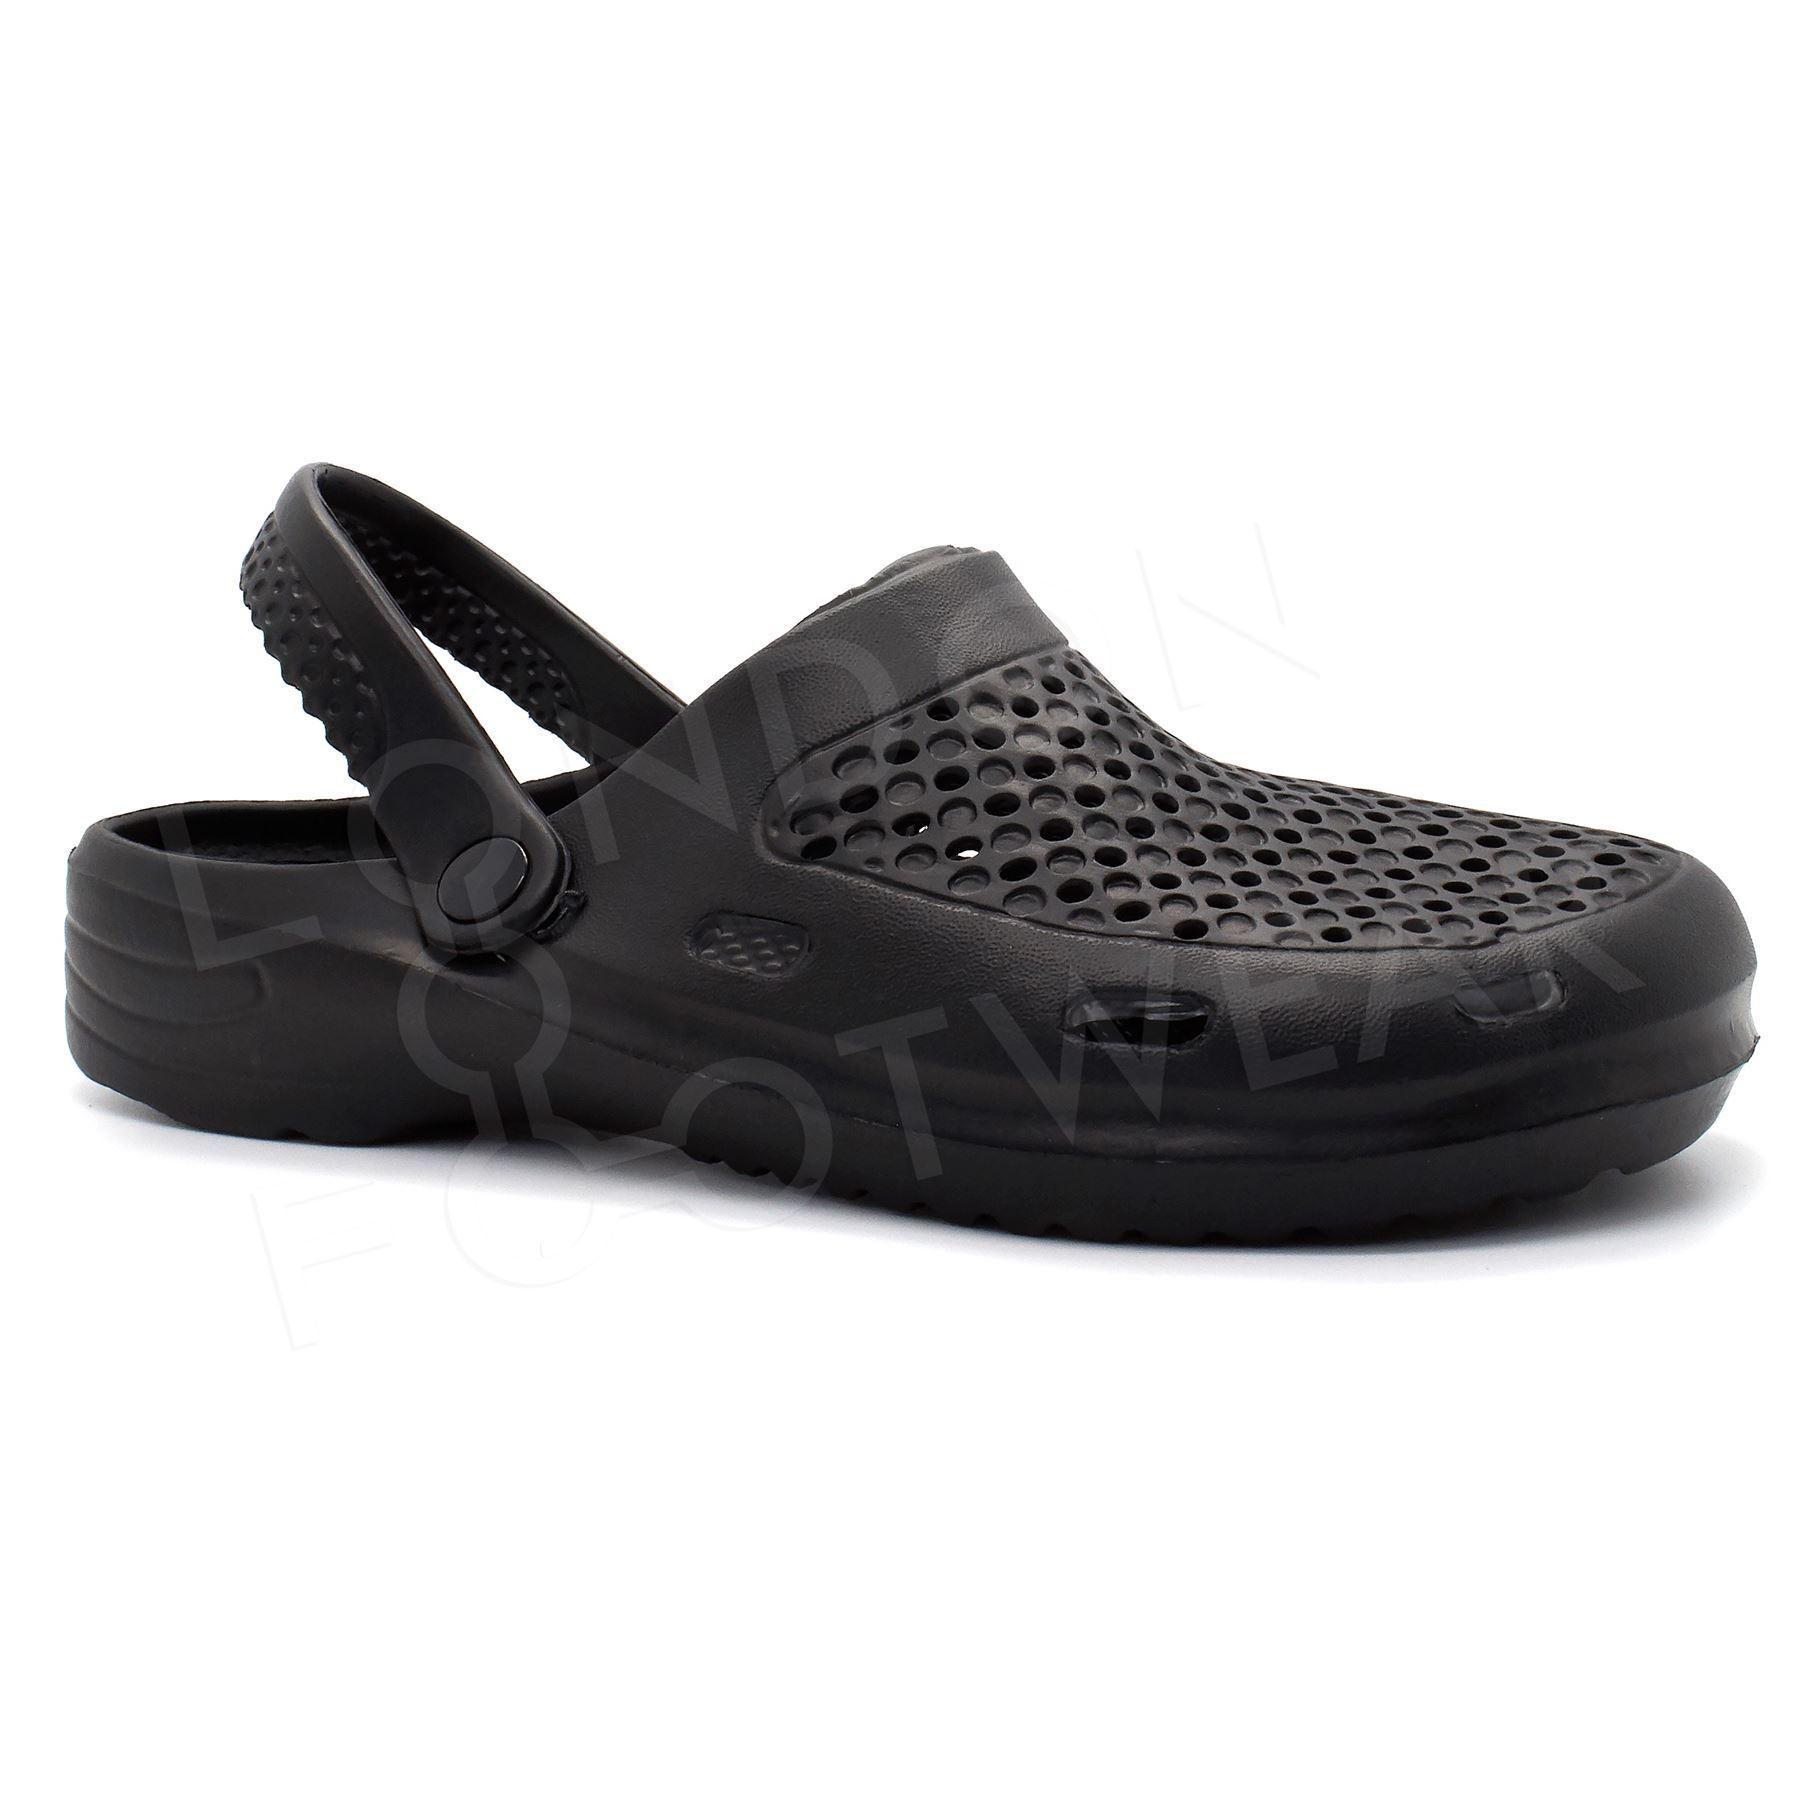 kitchen shoes for men sink refinishing porcelain new mens clogs slip on garden hospital